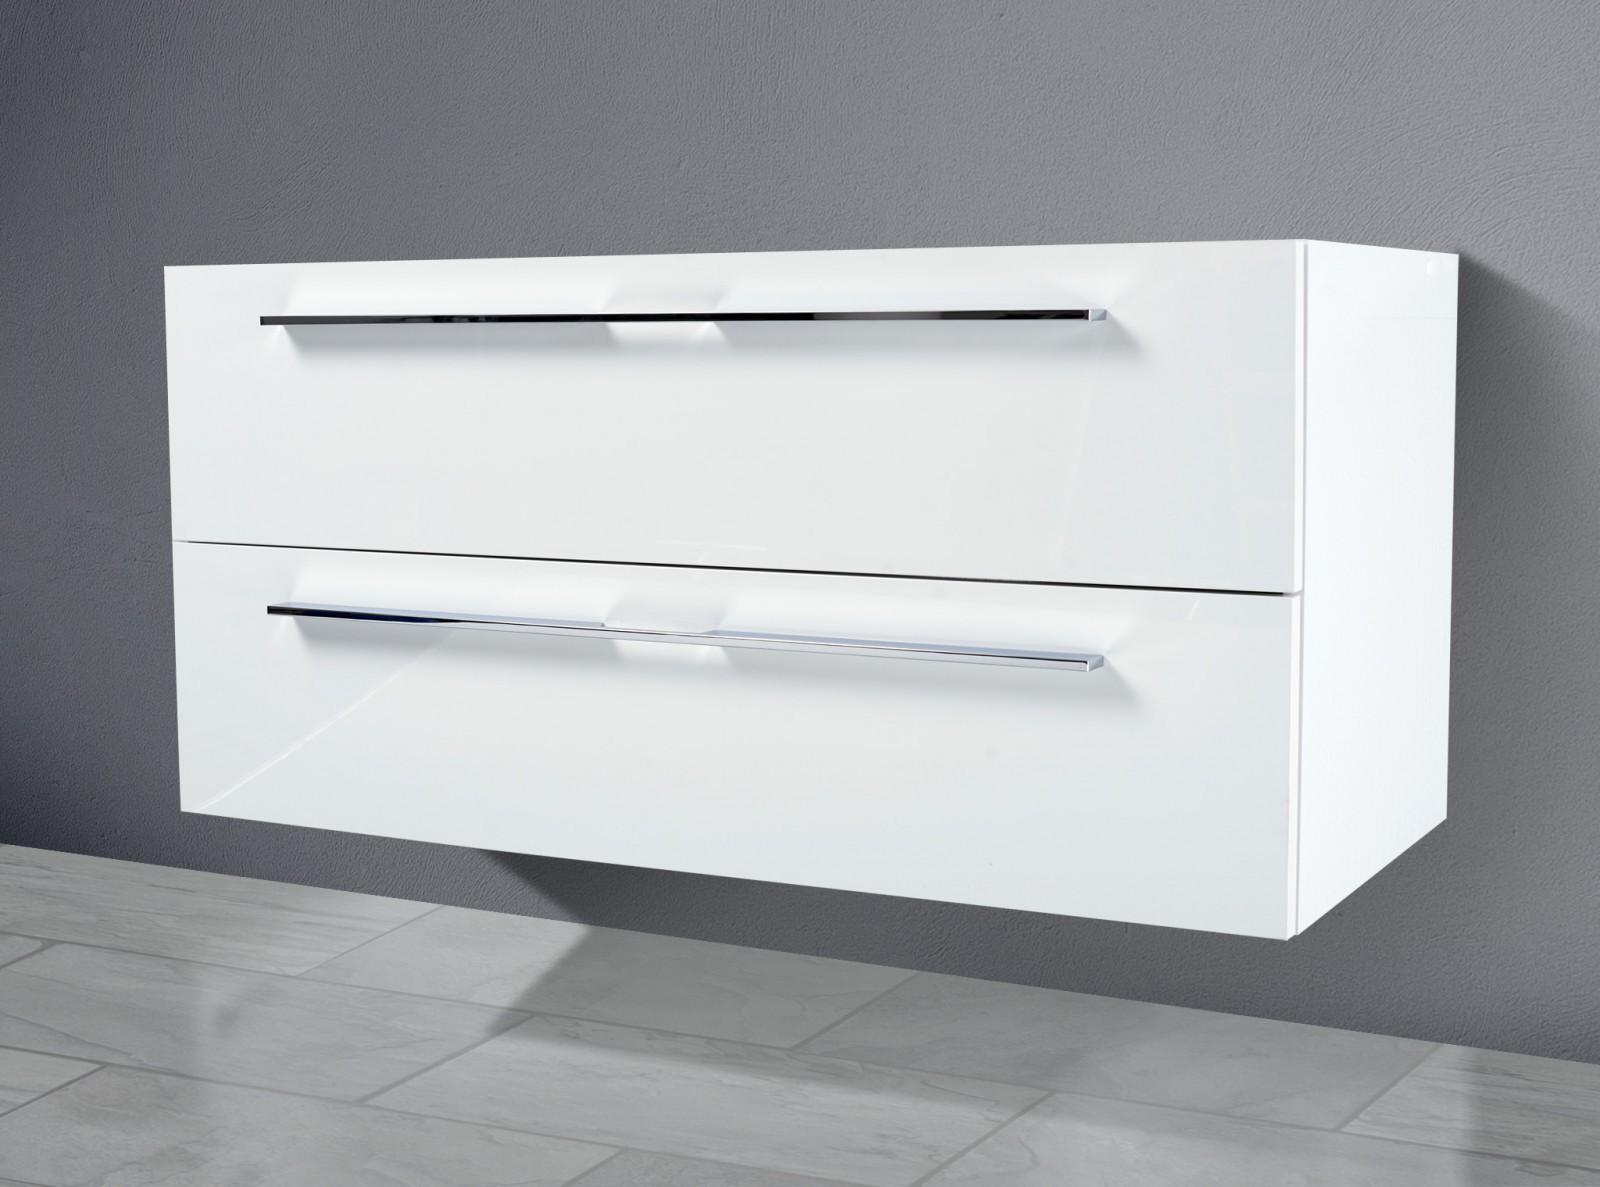 Waschtisch Unterschrank Zu Laufen Pro S Waschtisch 105 Cm